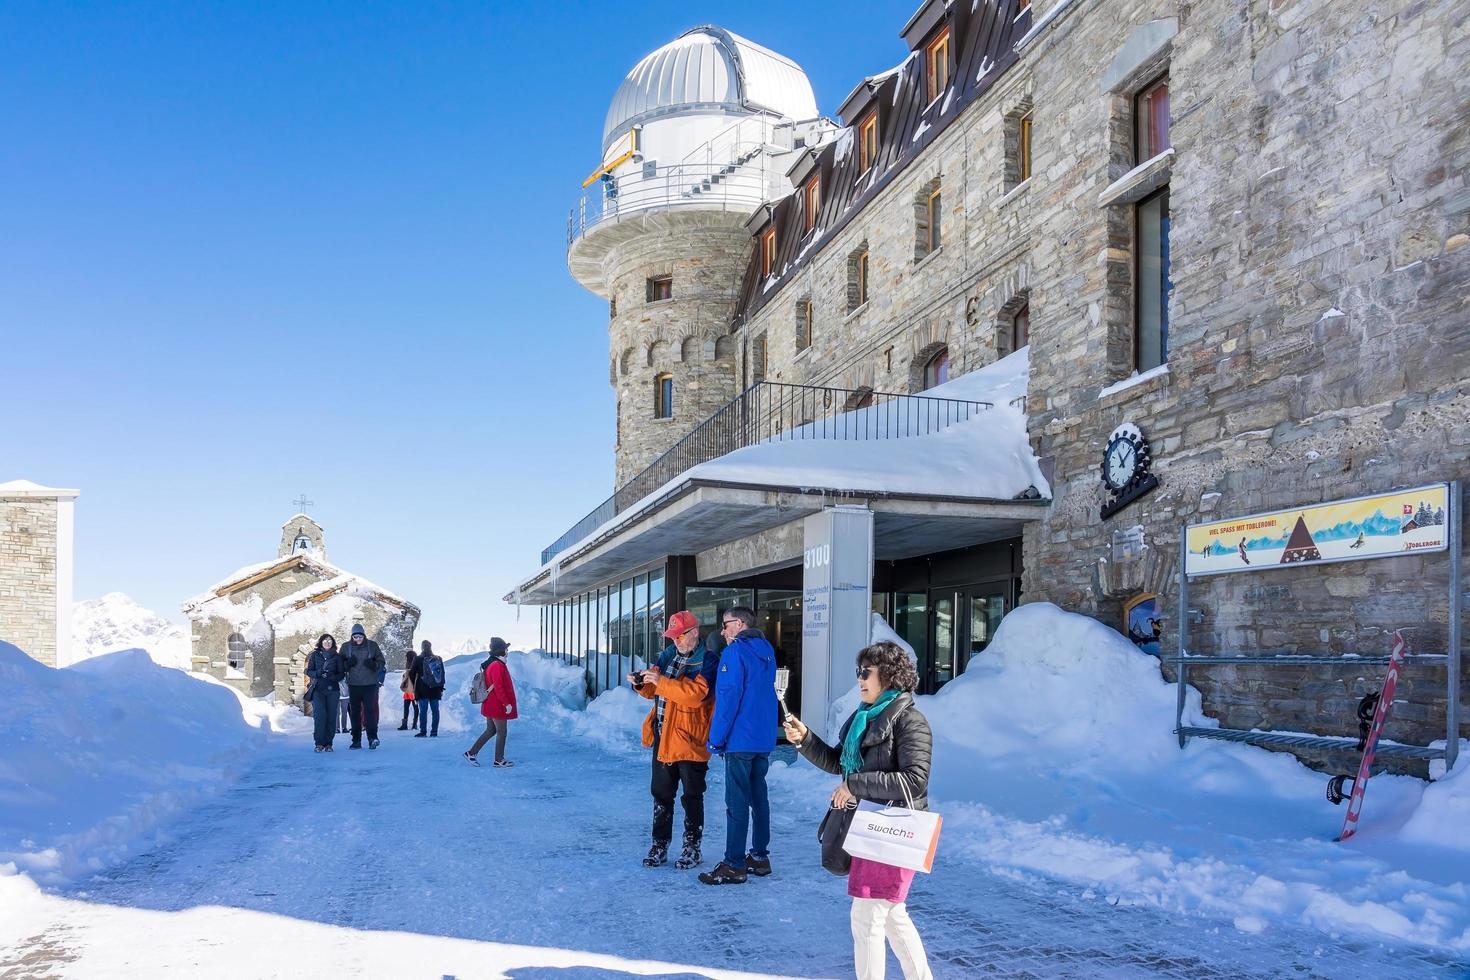 personnes à l'observatoire du sommet du gornergrat, 2018 photo